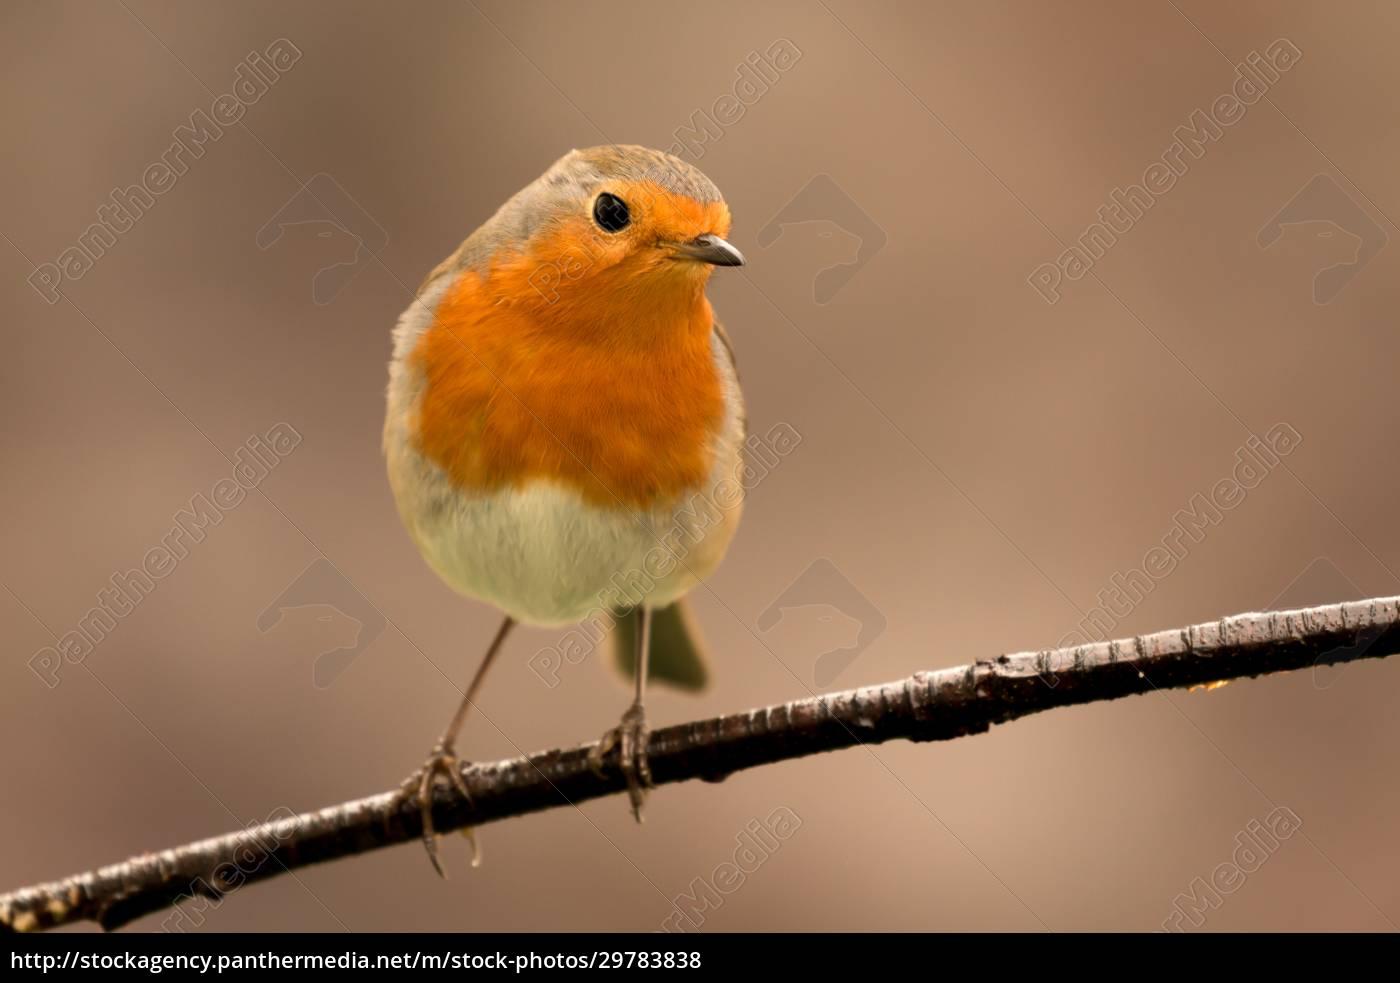 pretty, bird, with, a, nice, orange - 29783838